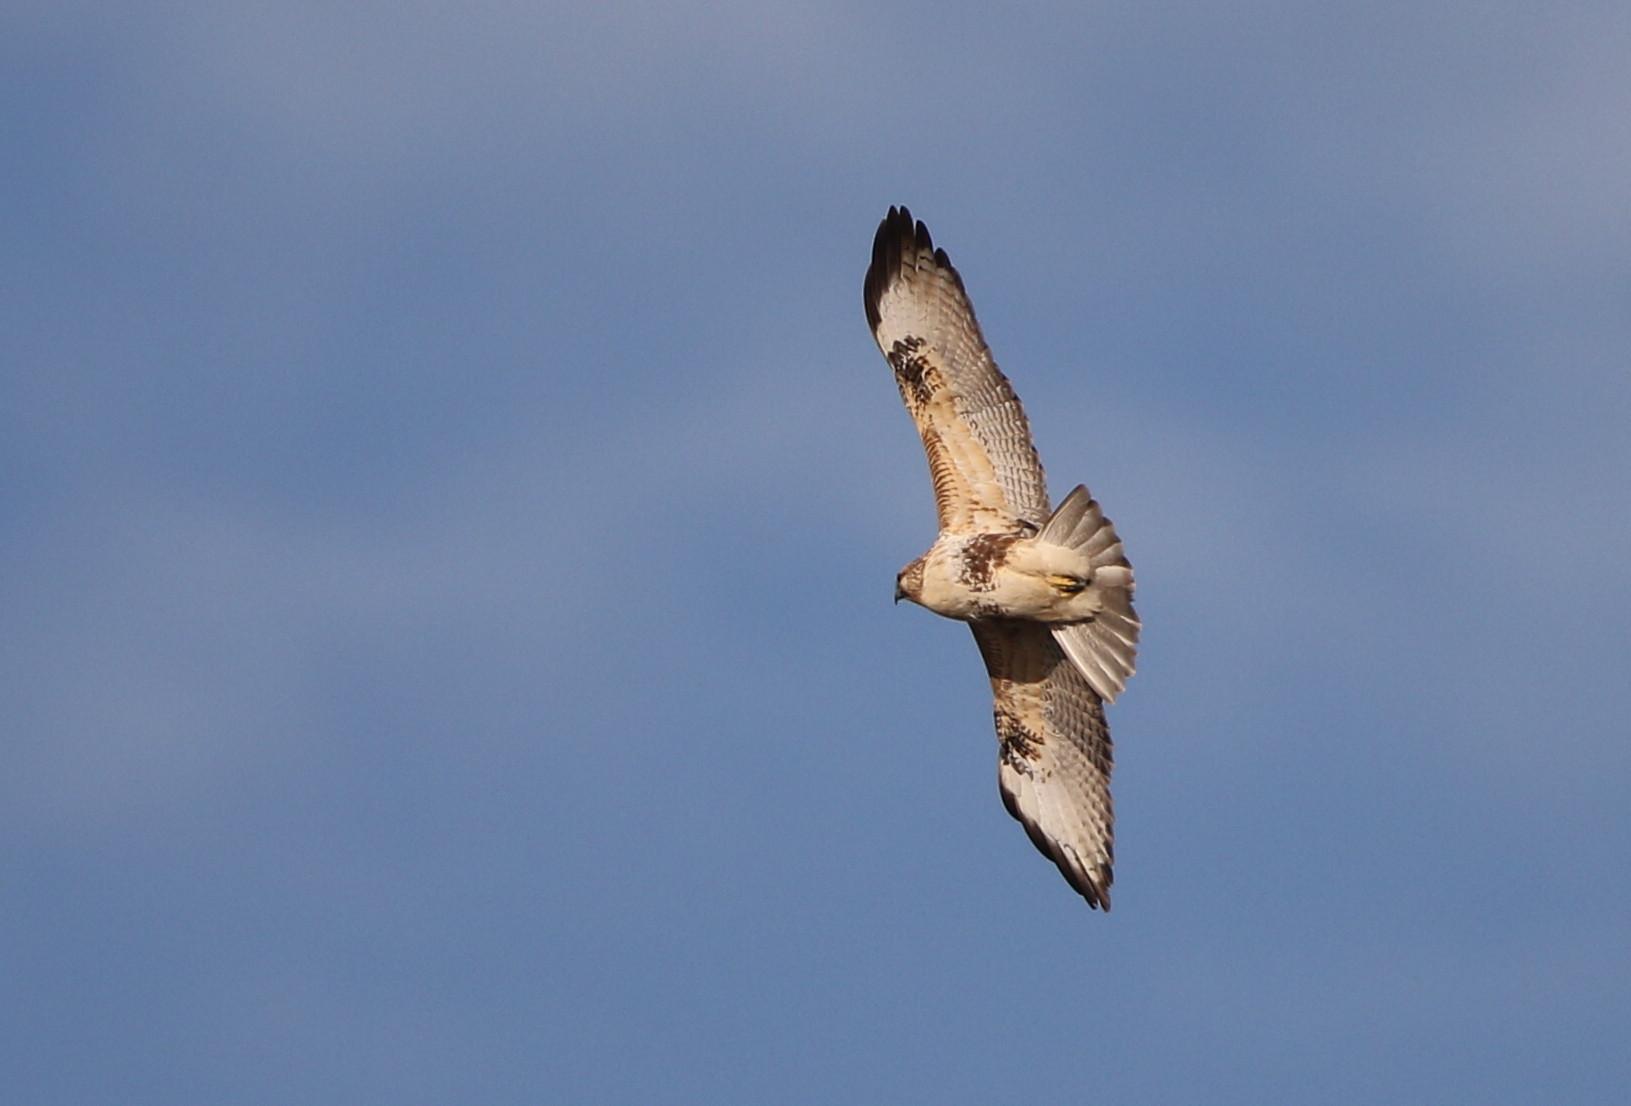 田園地帯のノスリの飛翔_f0239515_16122315.jpg